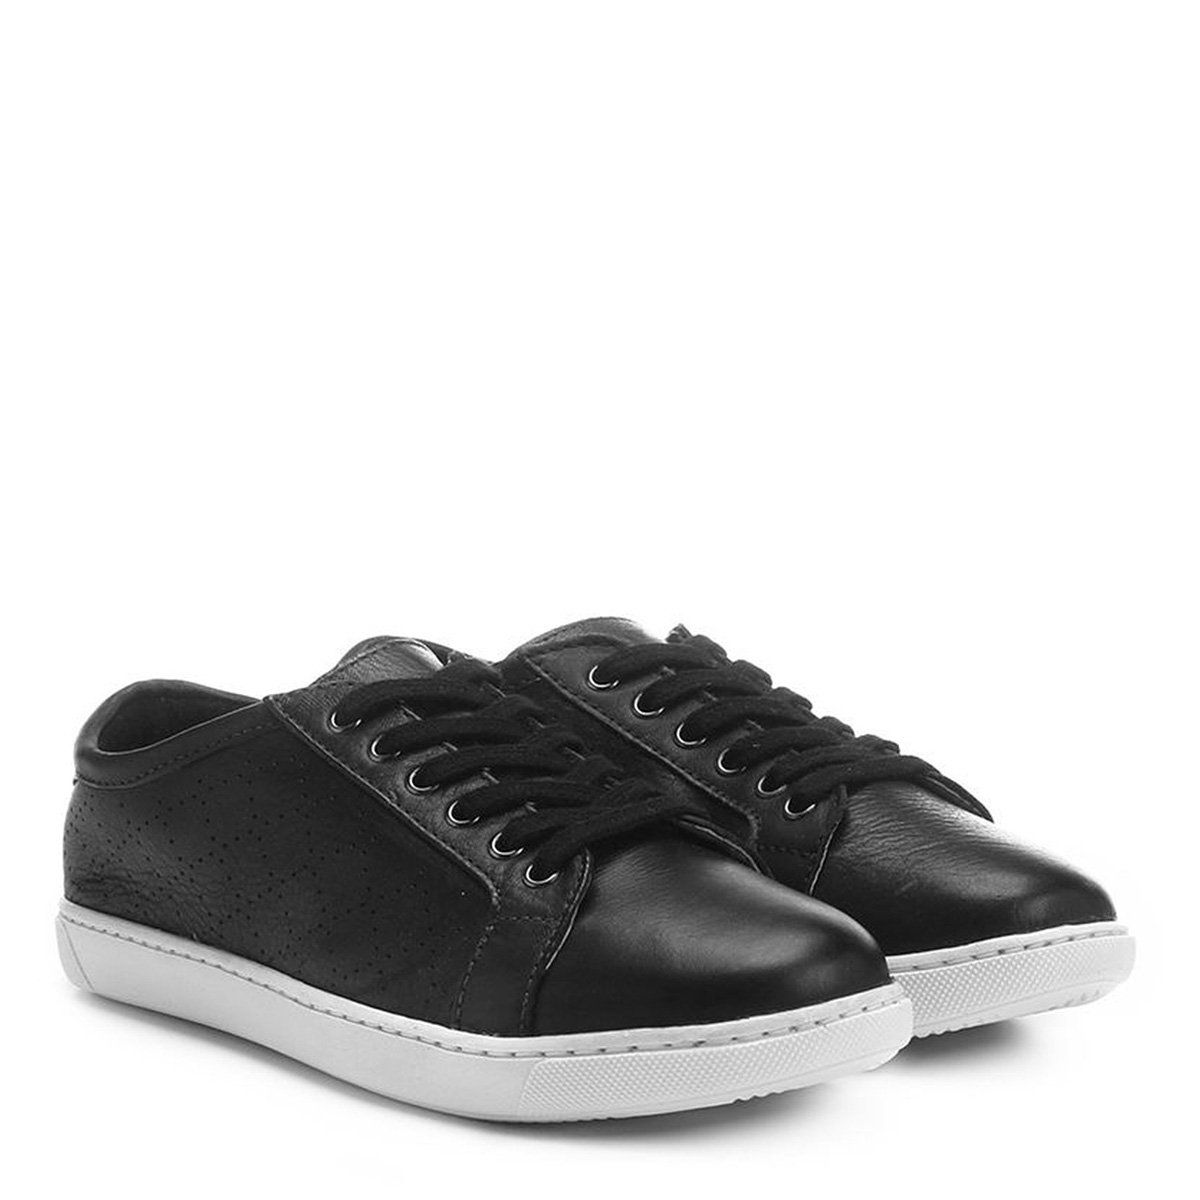 afc3fe79c8 Tênis Couro Shoestock Vazado Feminino | Shoestock